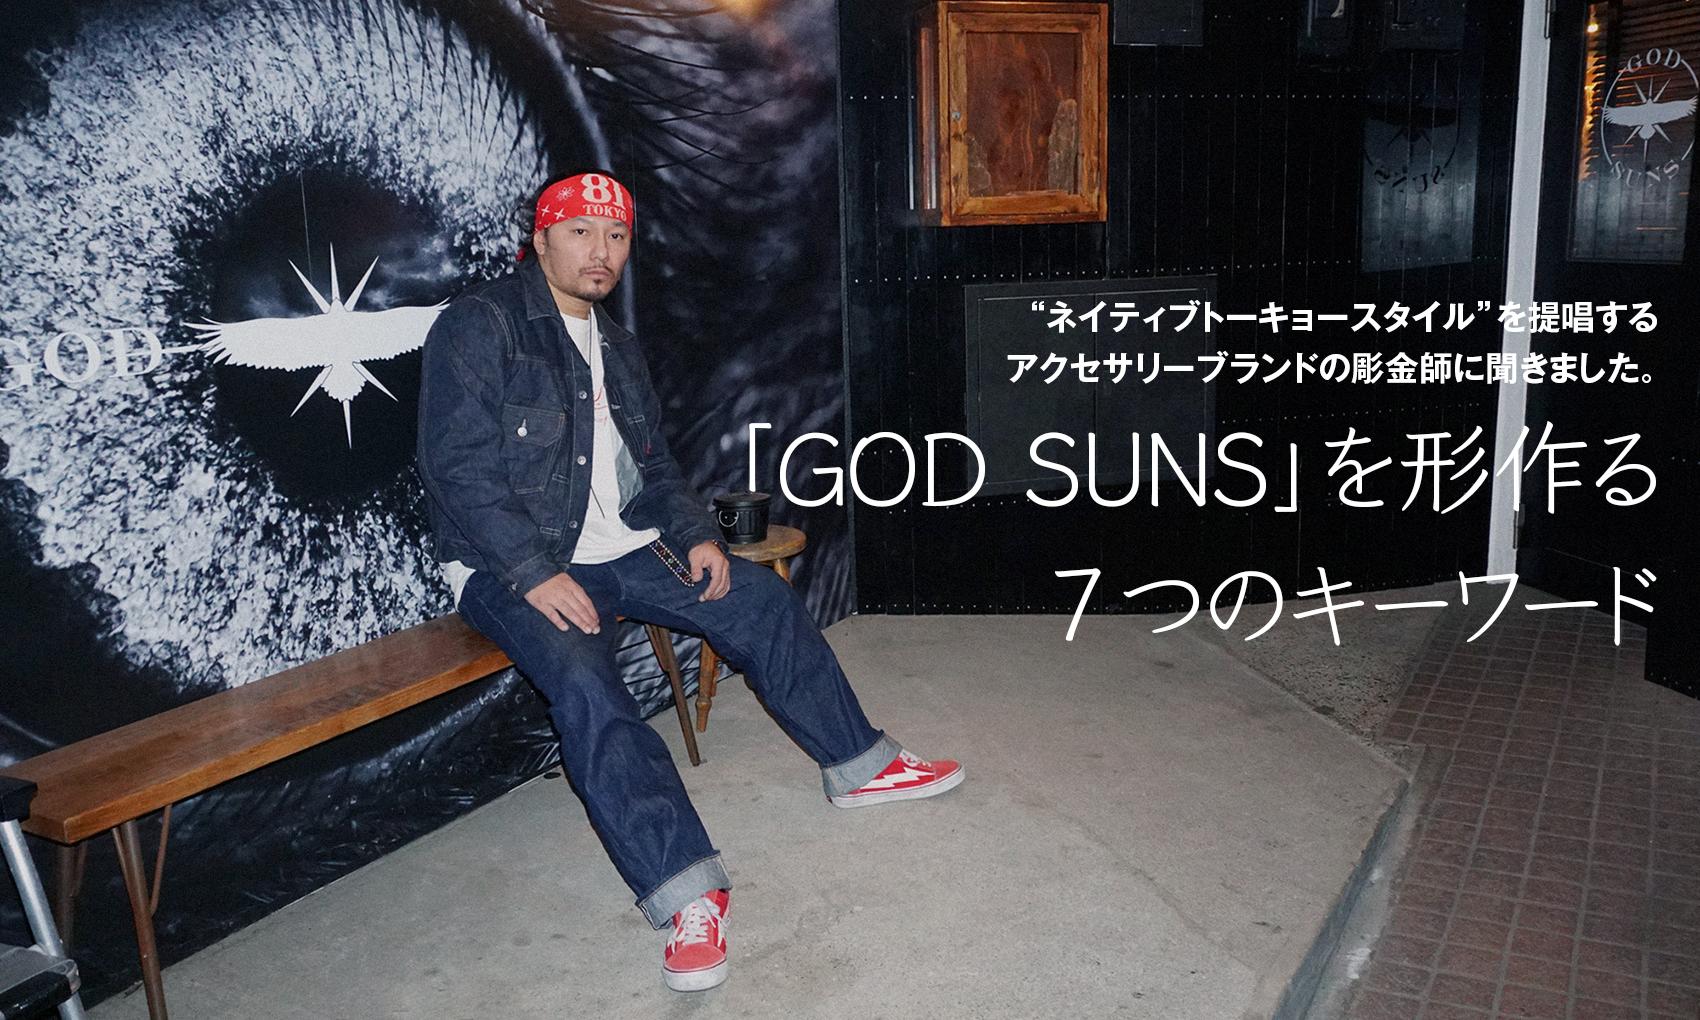 """""""ネイティブトーキョースタイル""""を提唱するアクセサリーブランド -「GOD SUNS」を形作る7つのキーワード-"""